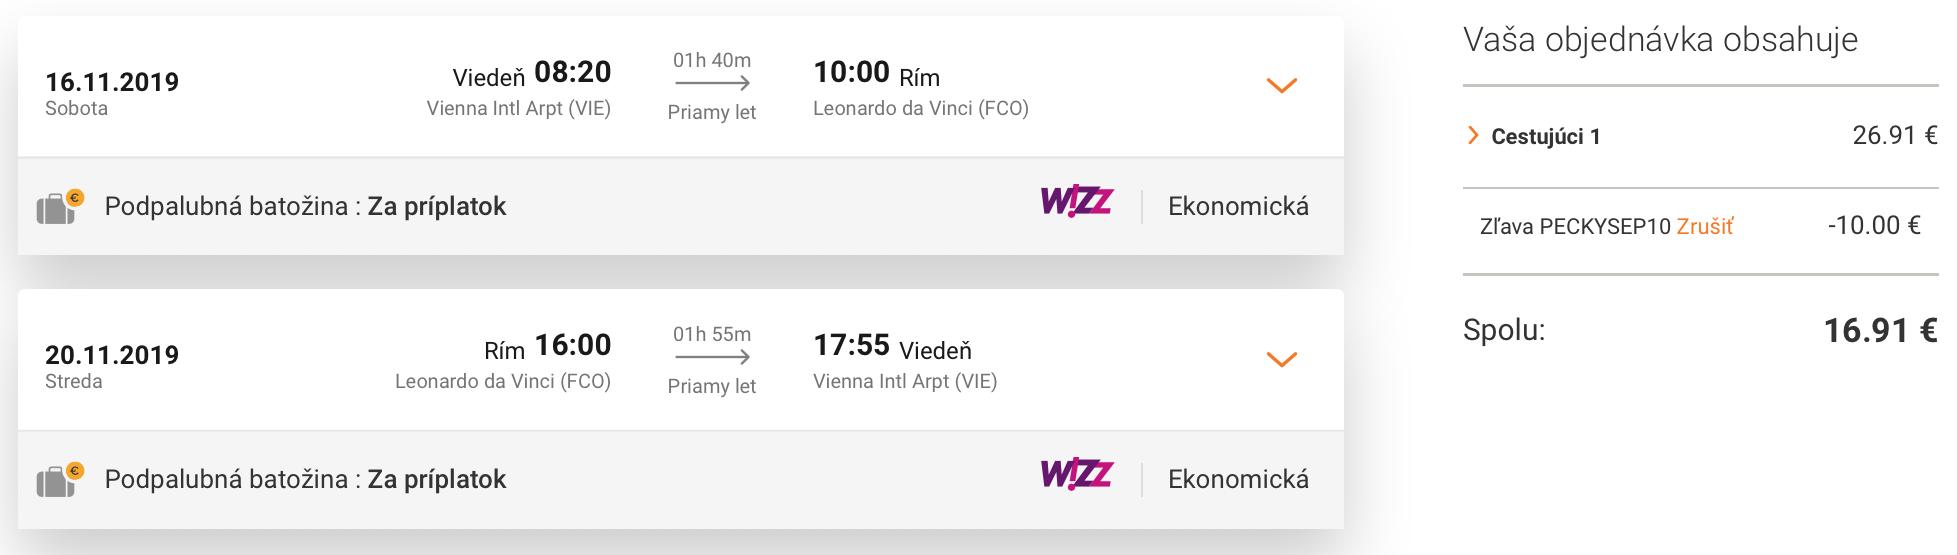 RÍM s odletom z Viedne za parádnych 16€